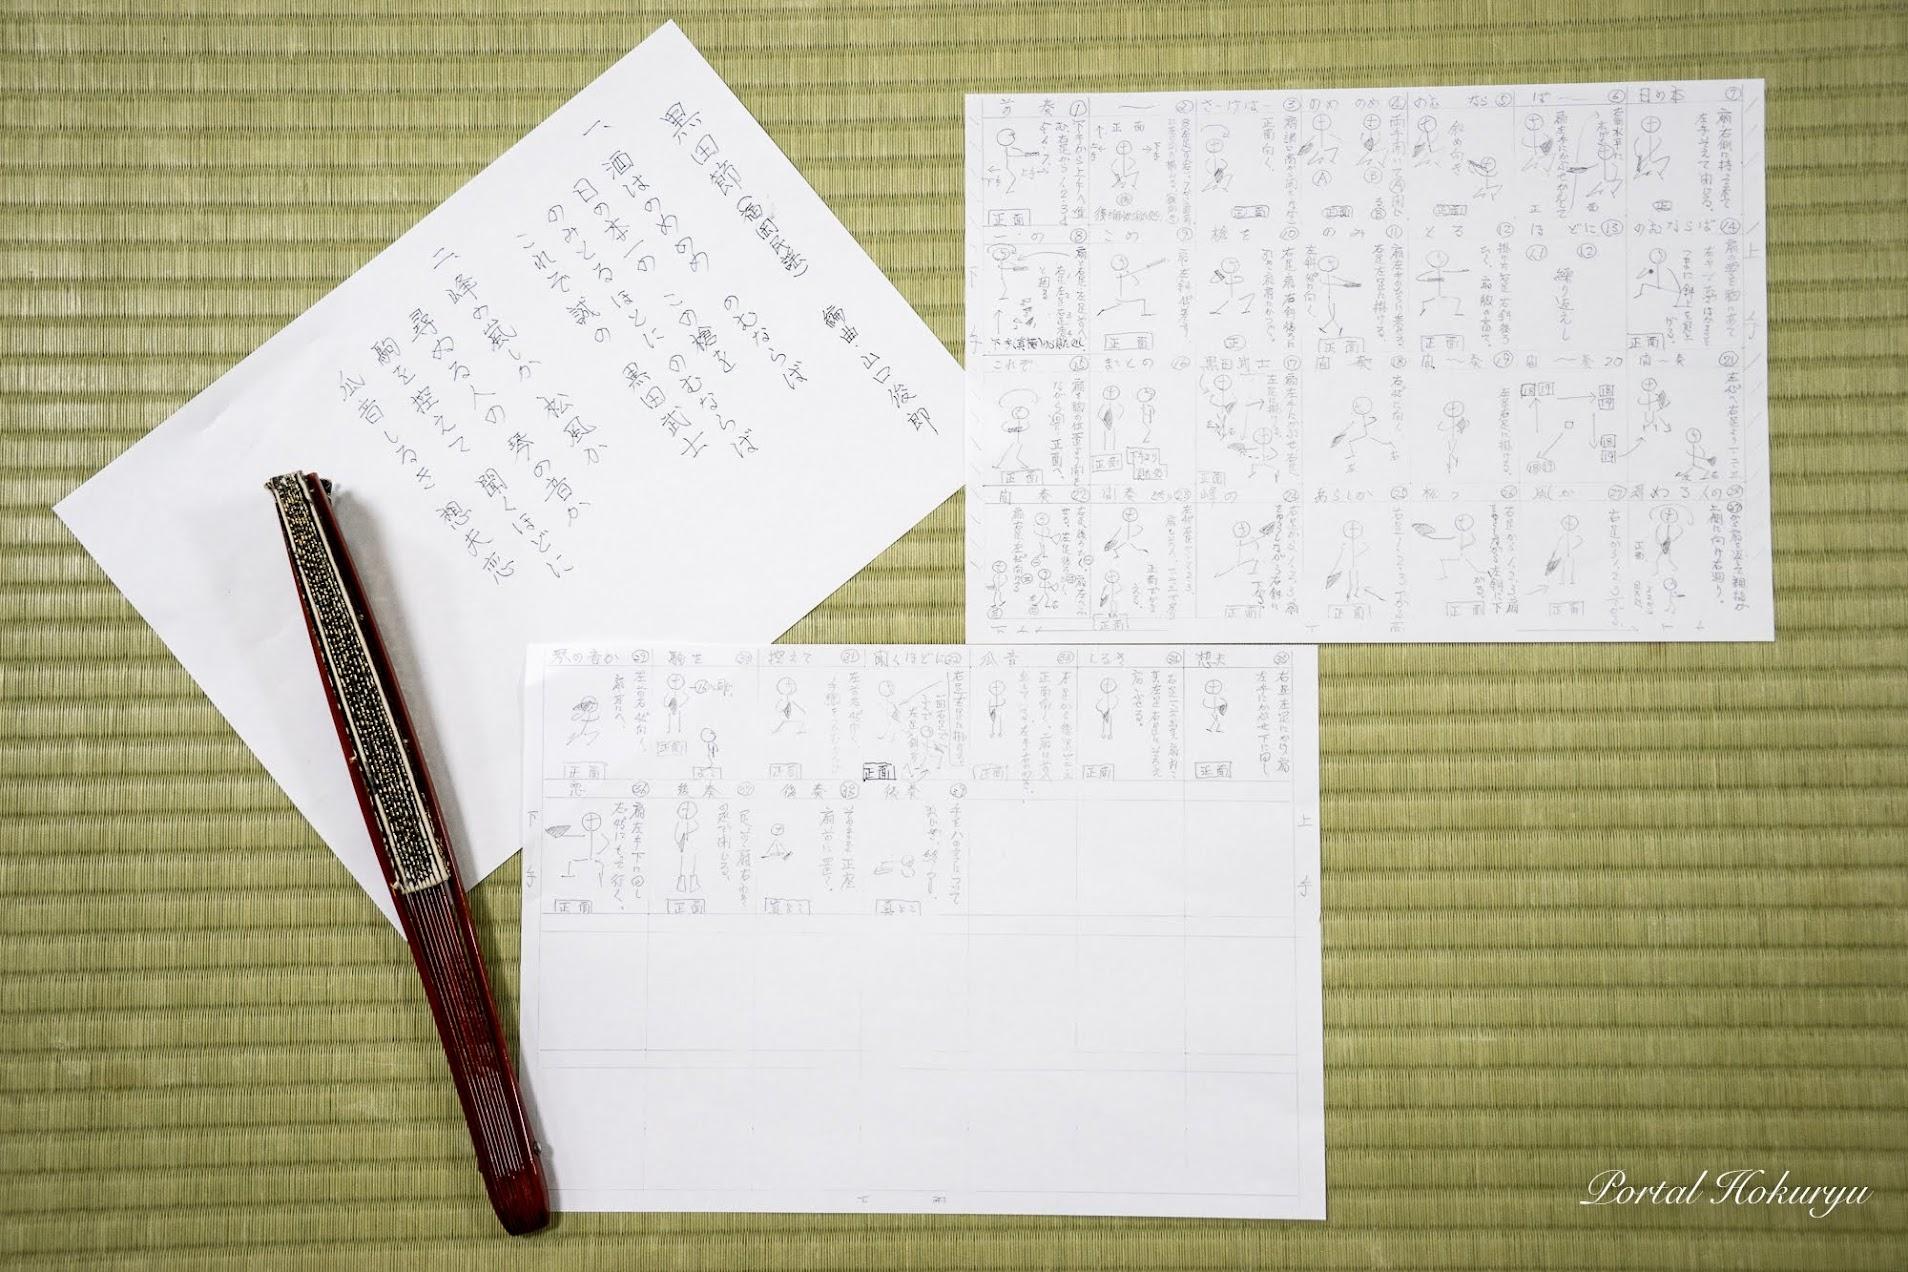 吉田徳桜代表の手作り資料